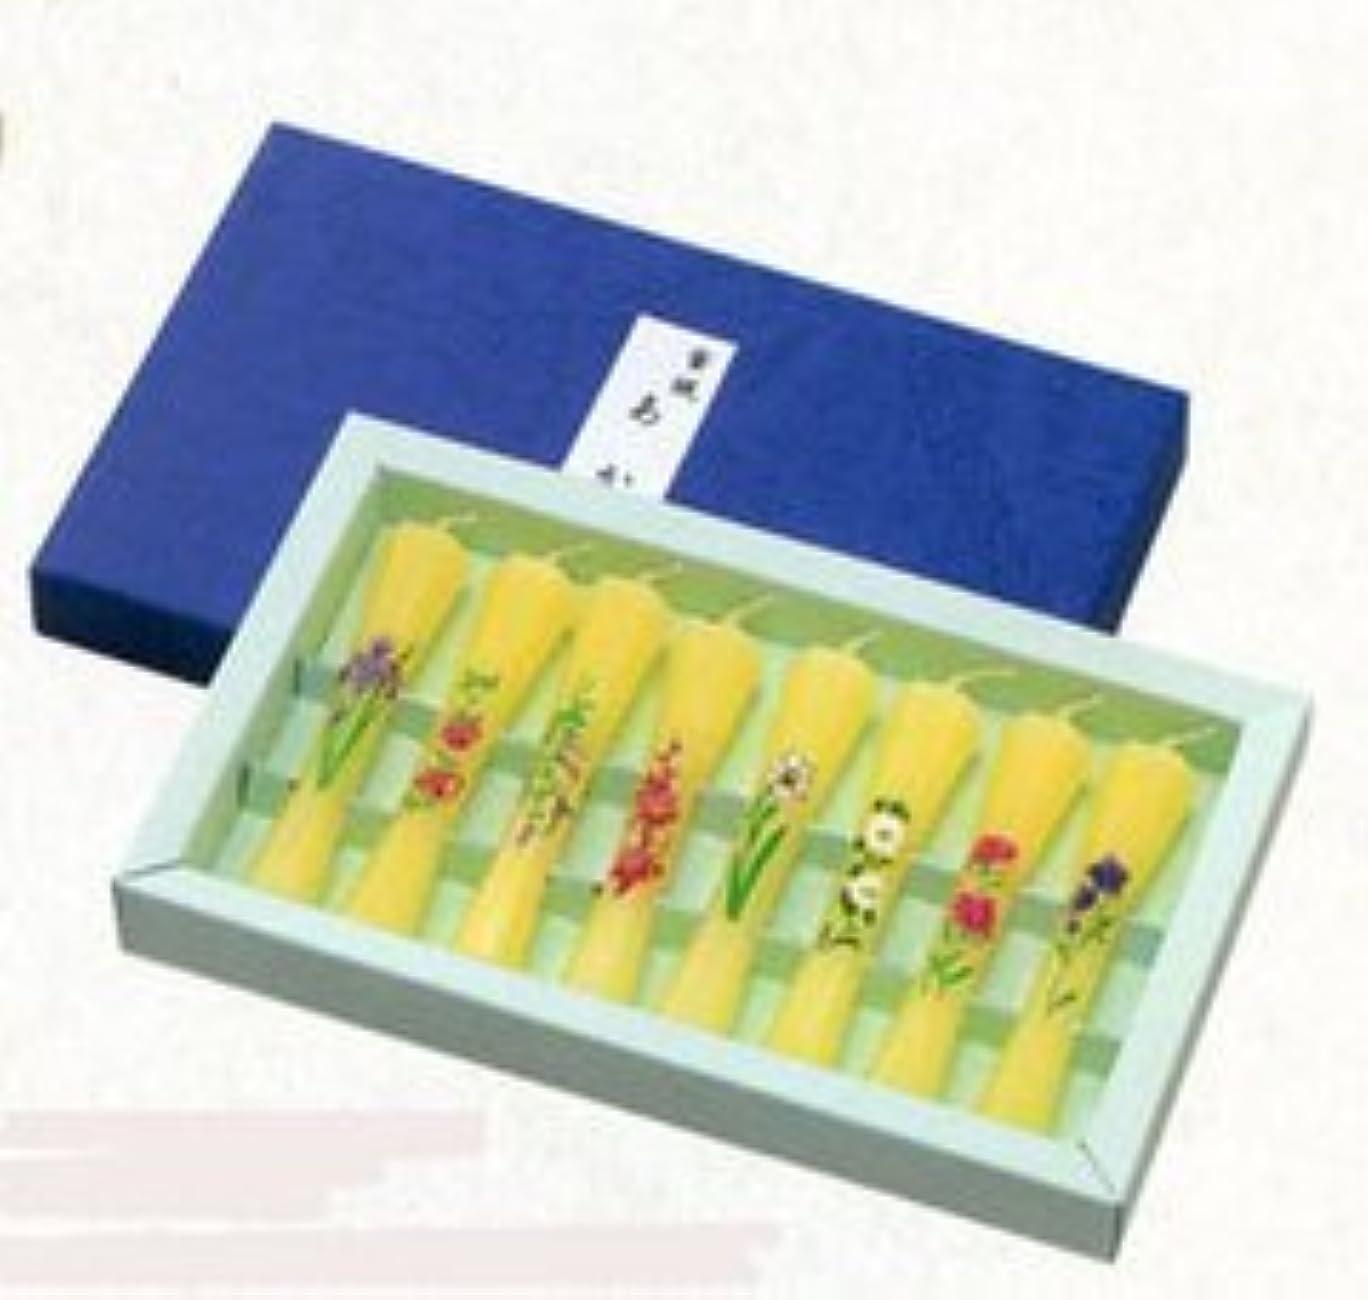 橋寝具消化鮮やかな花の絵ローソク8本 蜜蝋(みつろー) 茜 絵ローソク